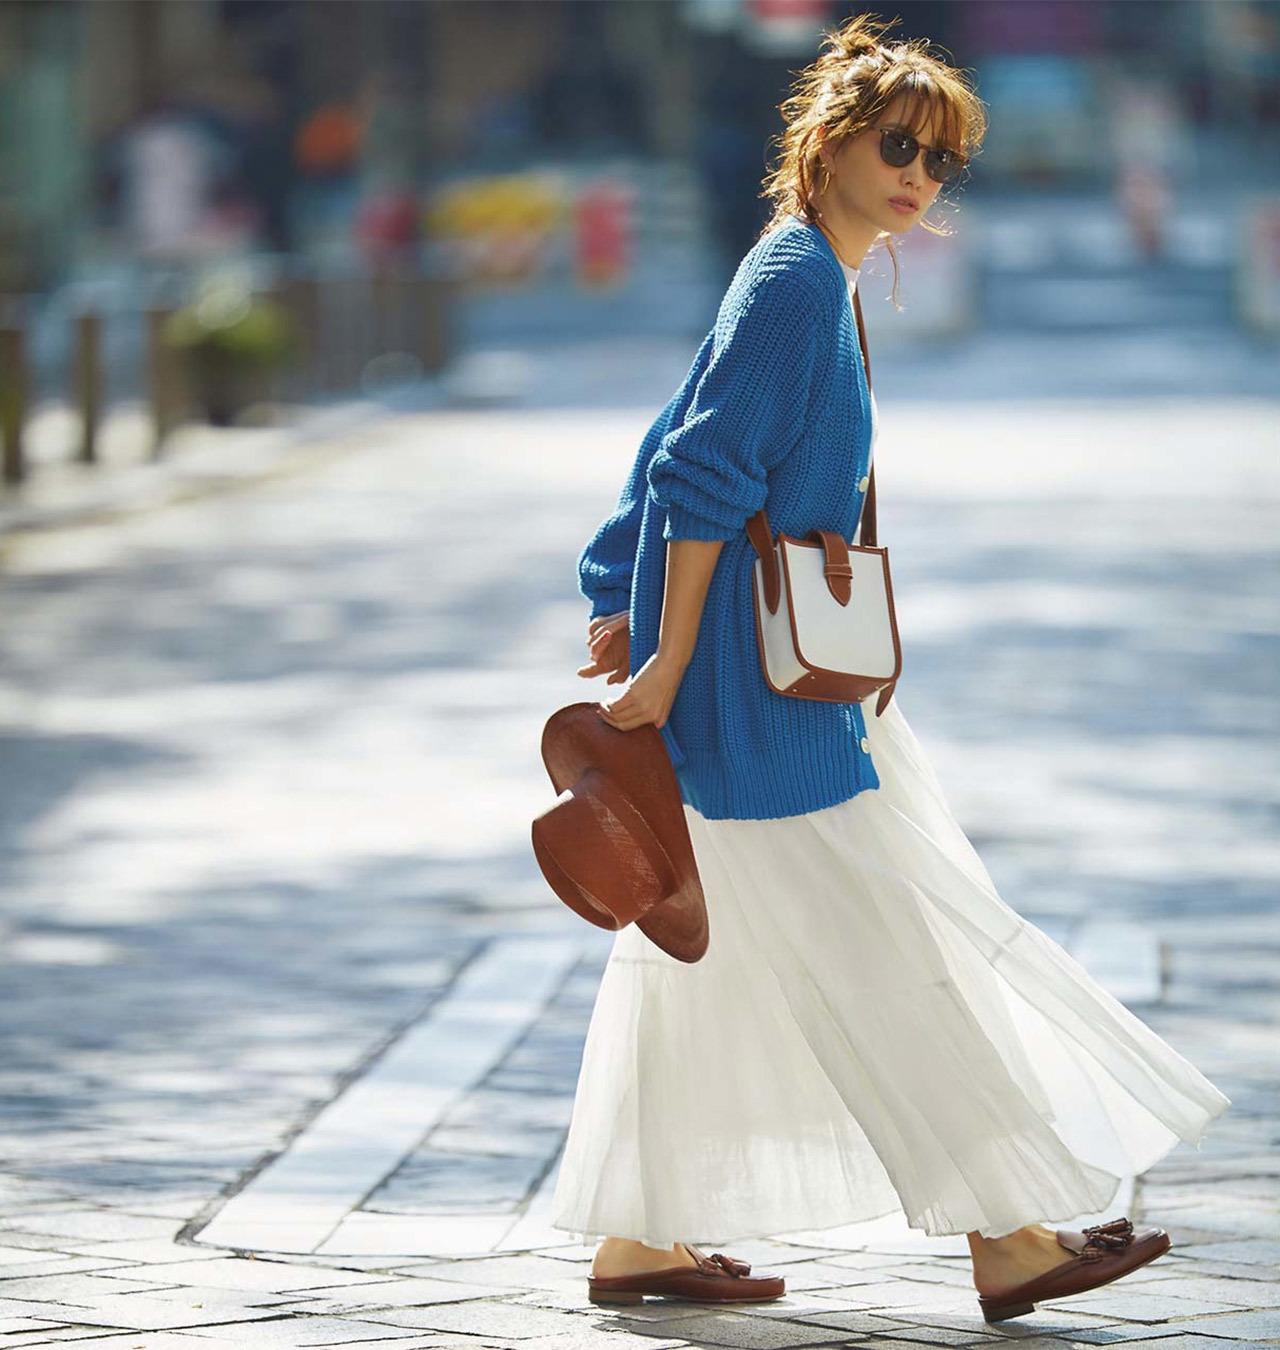 ブルーのニット×白のロングスカートコーデを着たモデルの蛯原友里さん